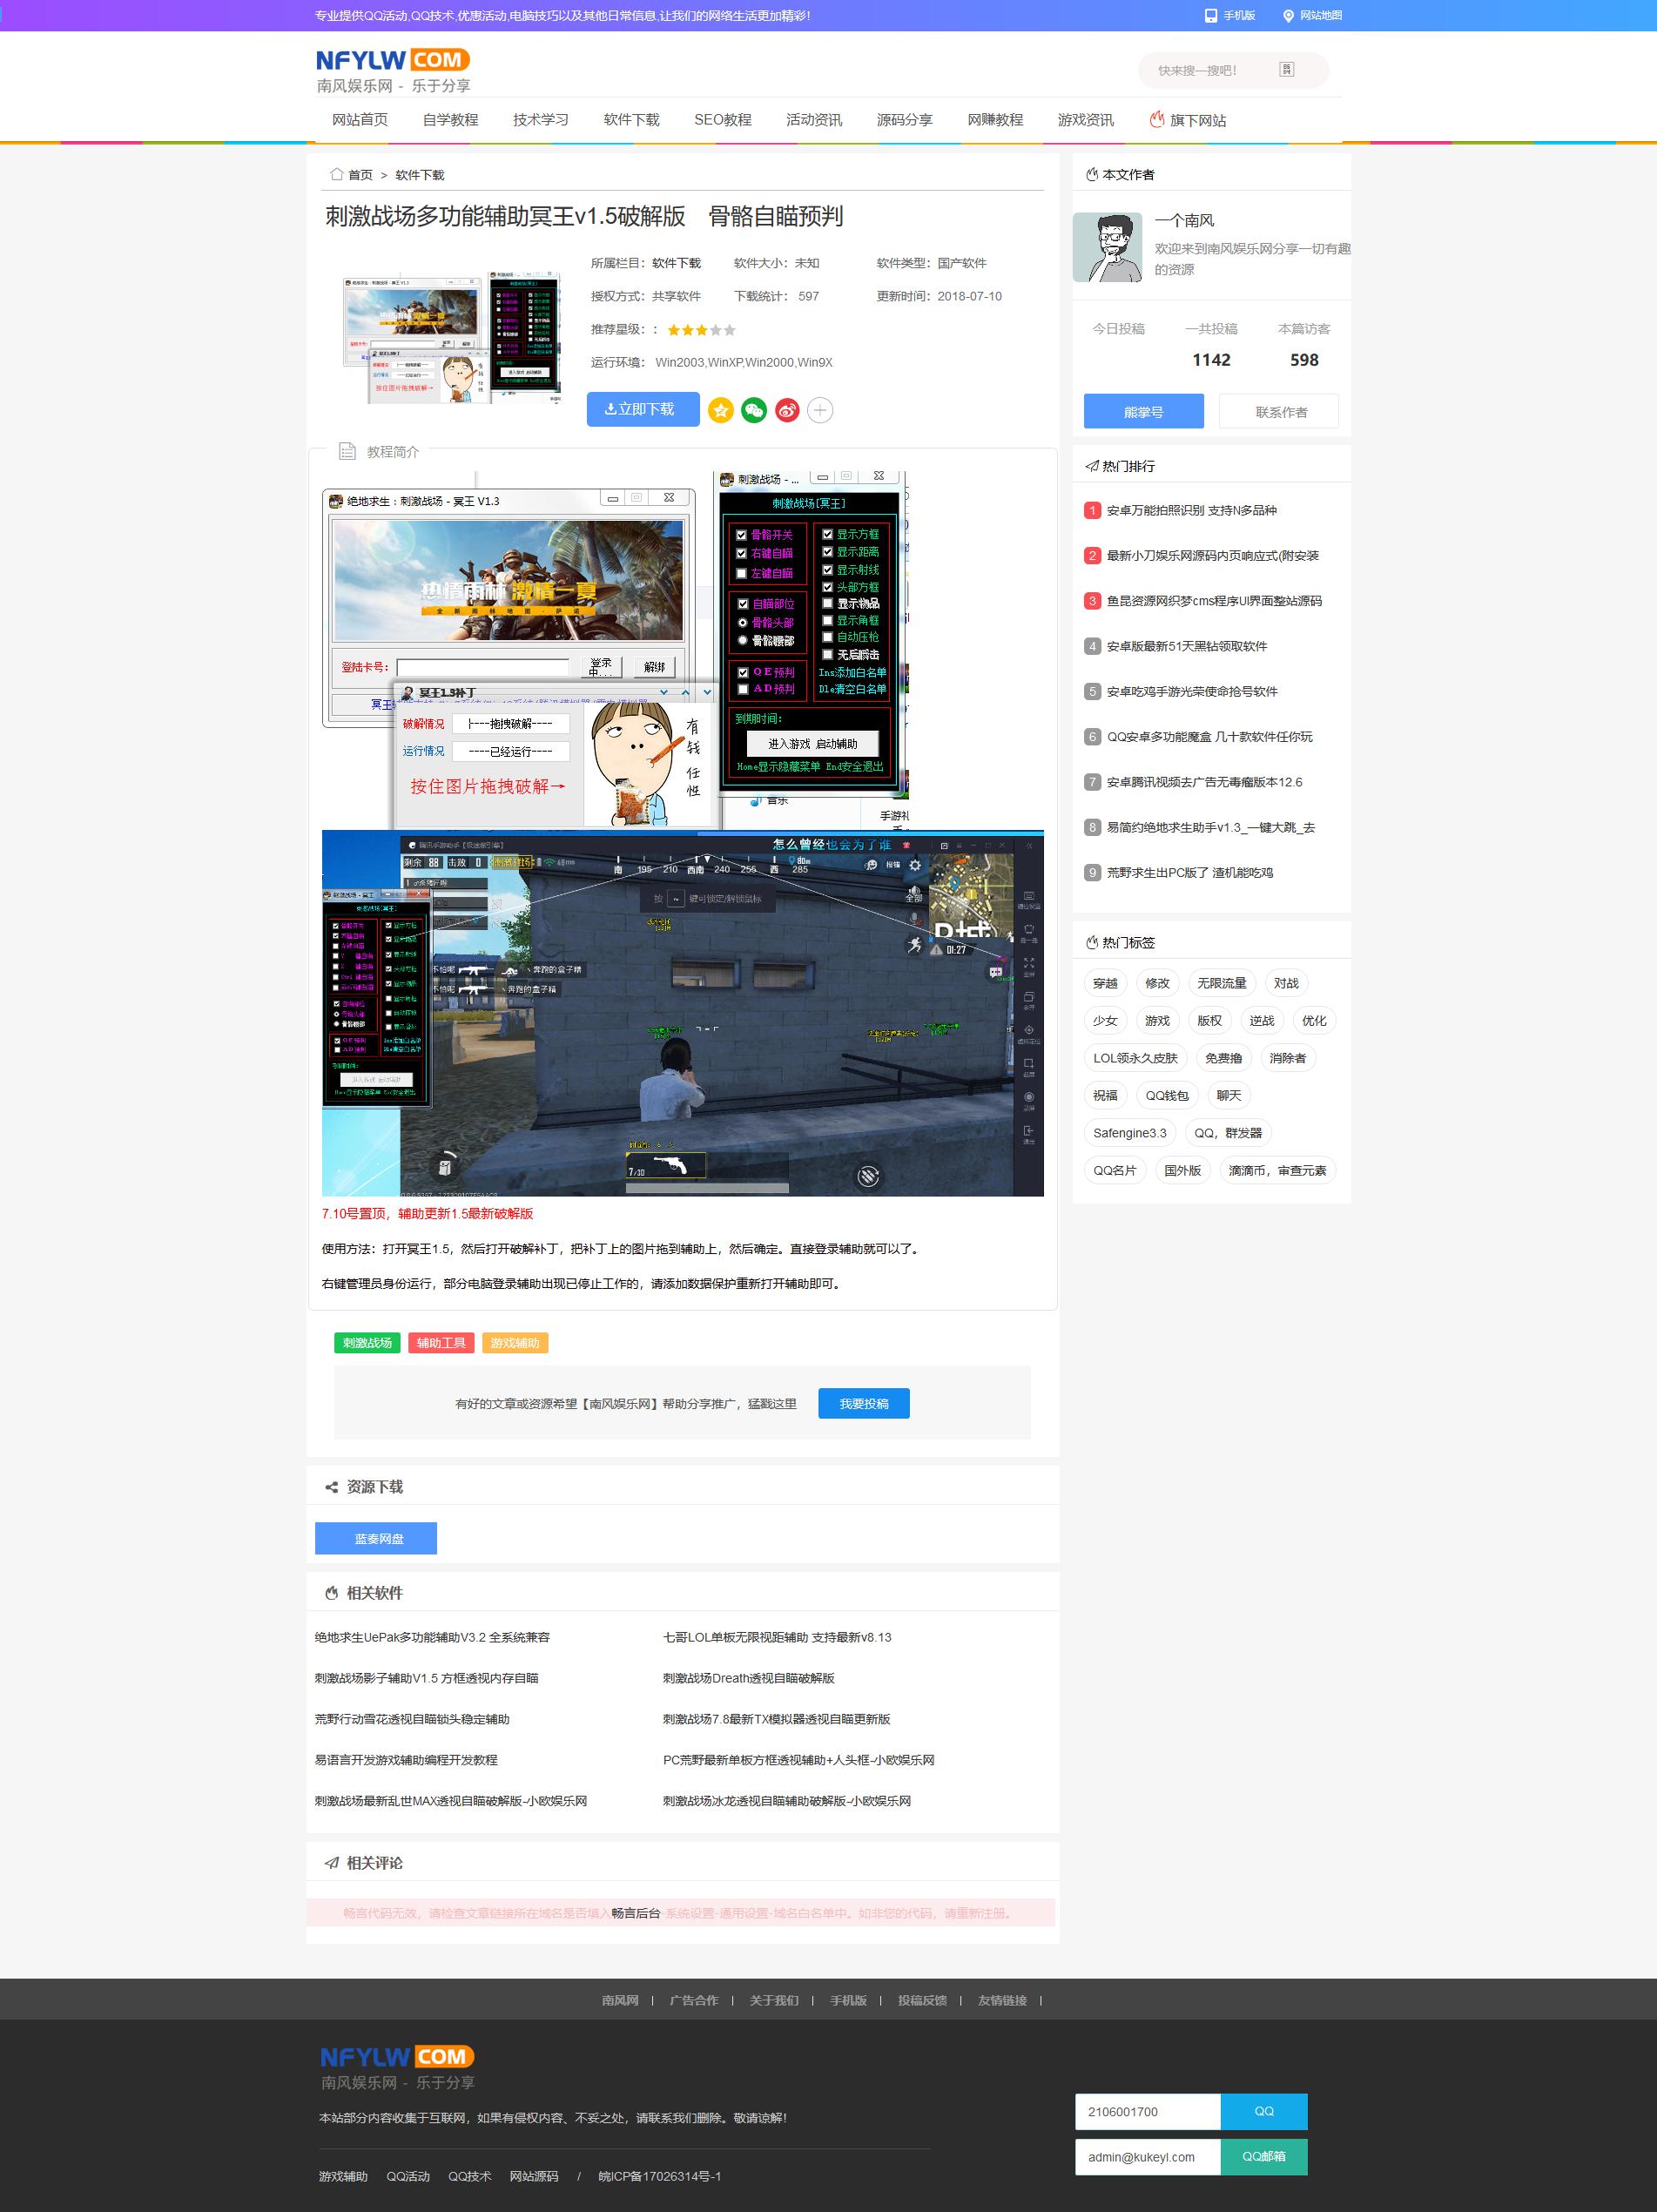 首发织梦程序南风娱乐网新款模板免费分享无后门百度云下载